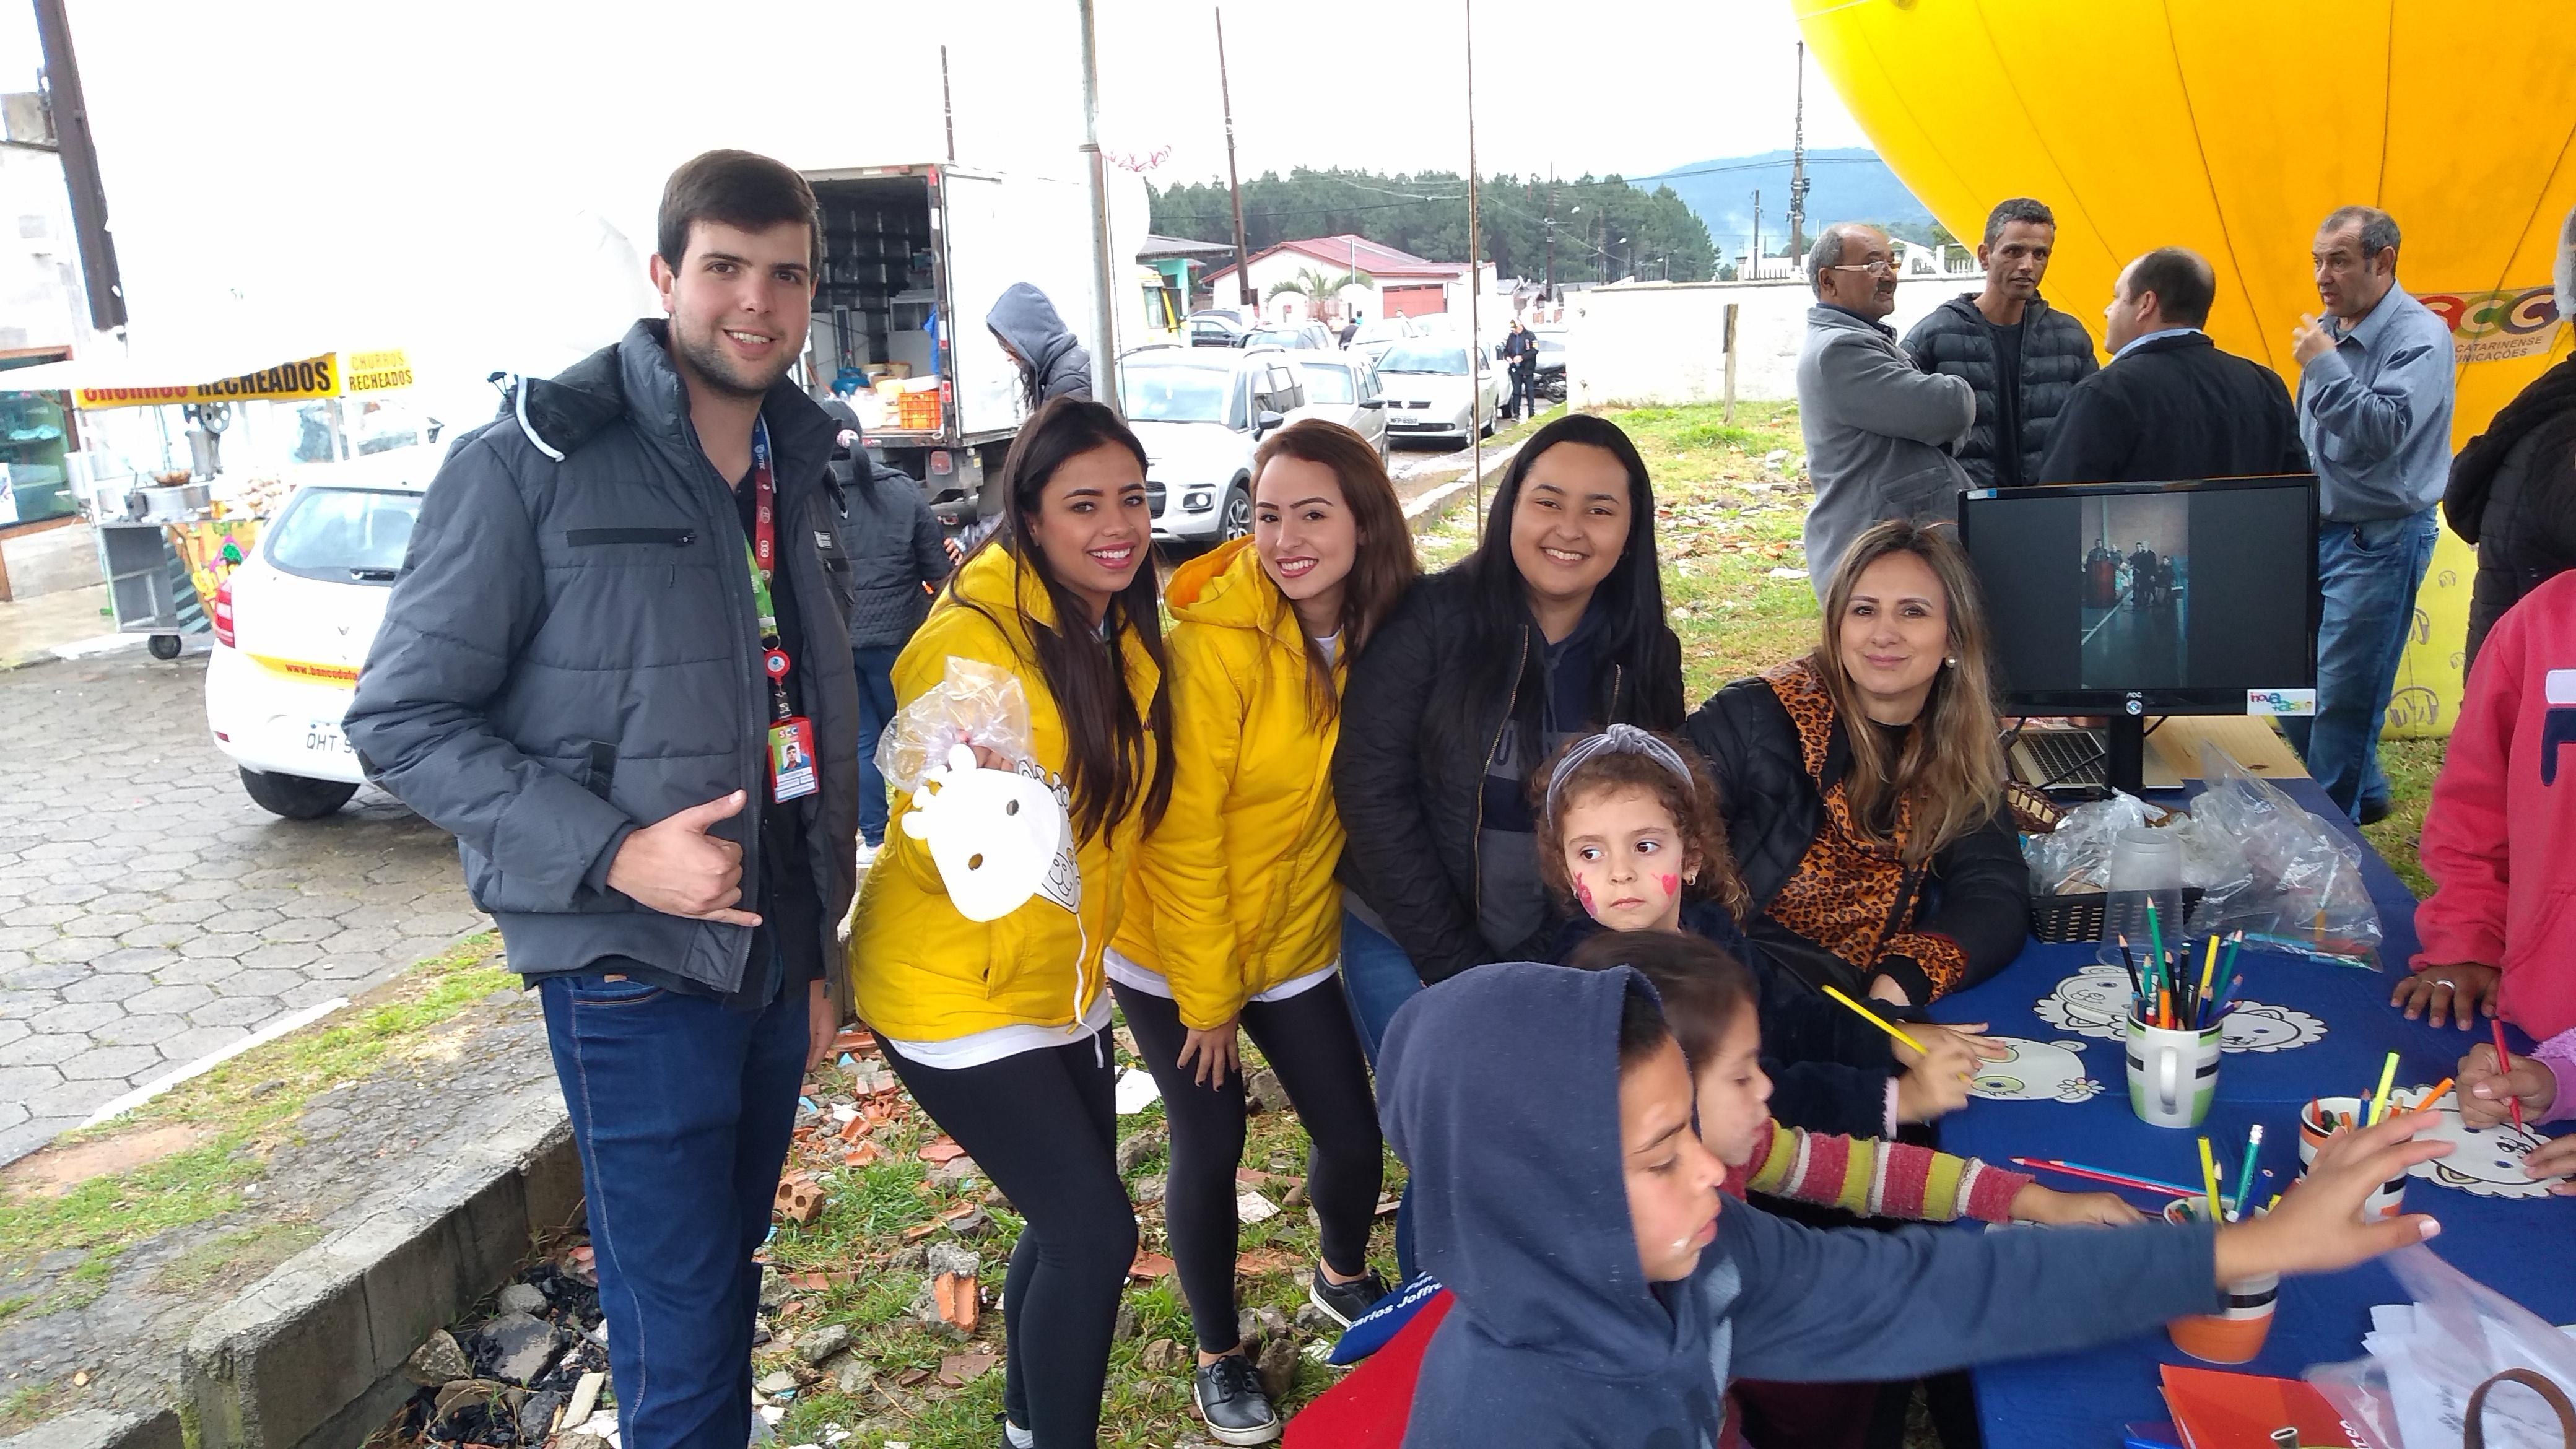 31/08/2019 - A Fundação Carlos Joffre do Amaral, participou do evento